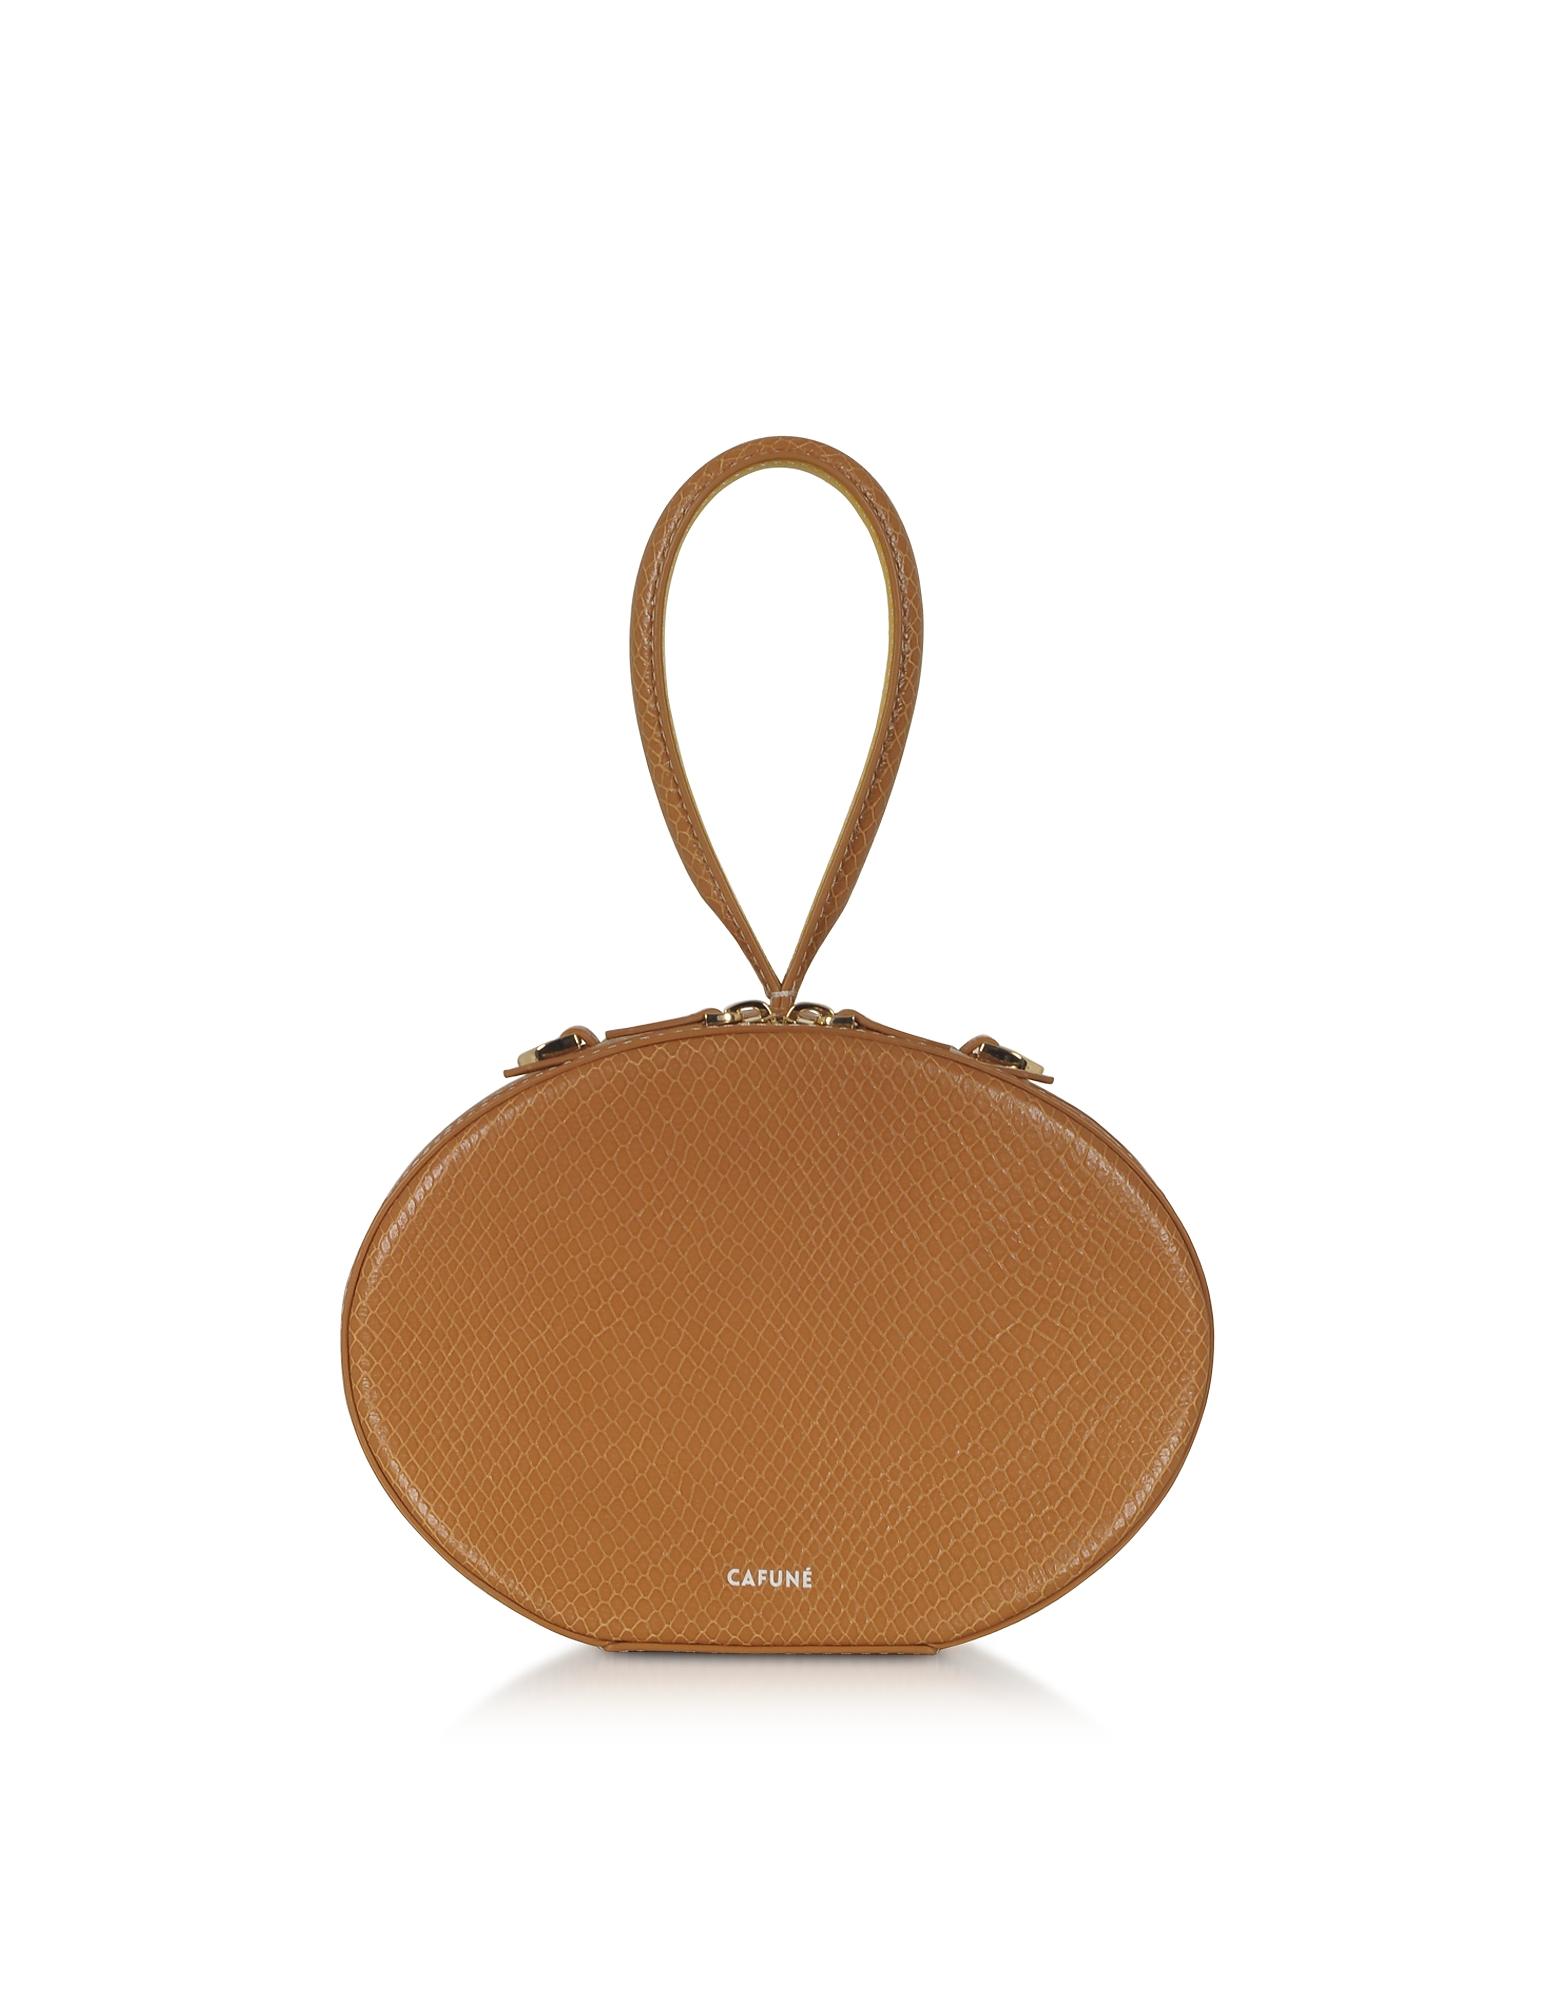 Cafuné Designer Handbags, Caramel Leather Egg Bag